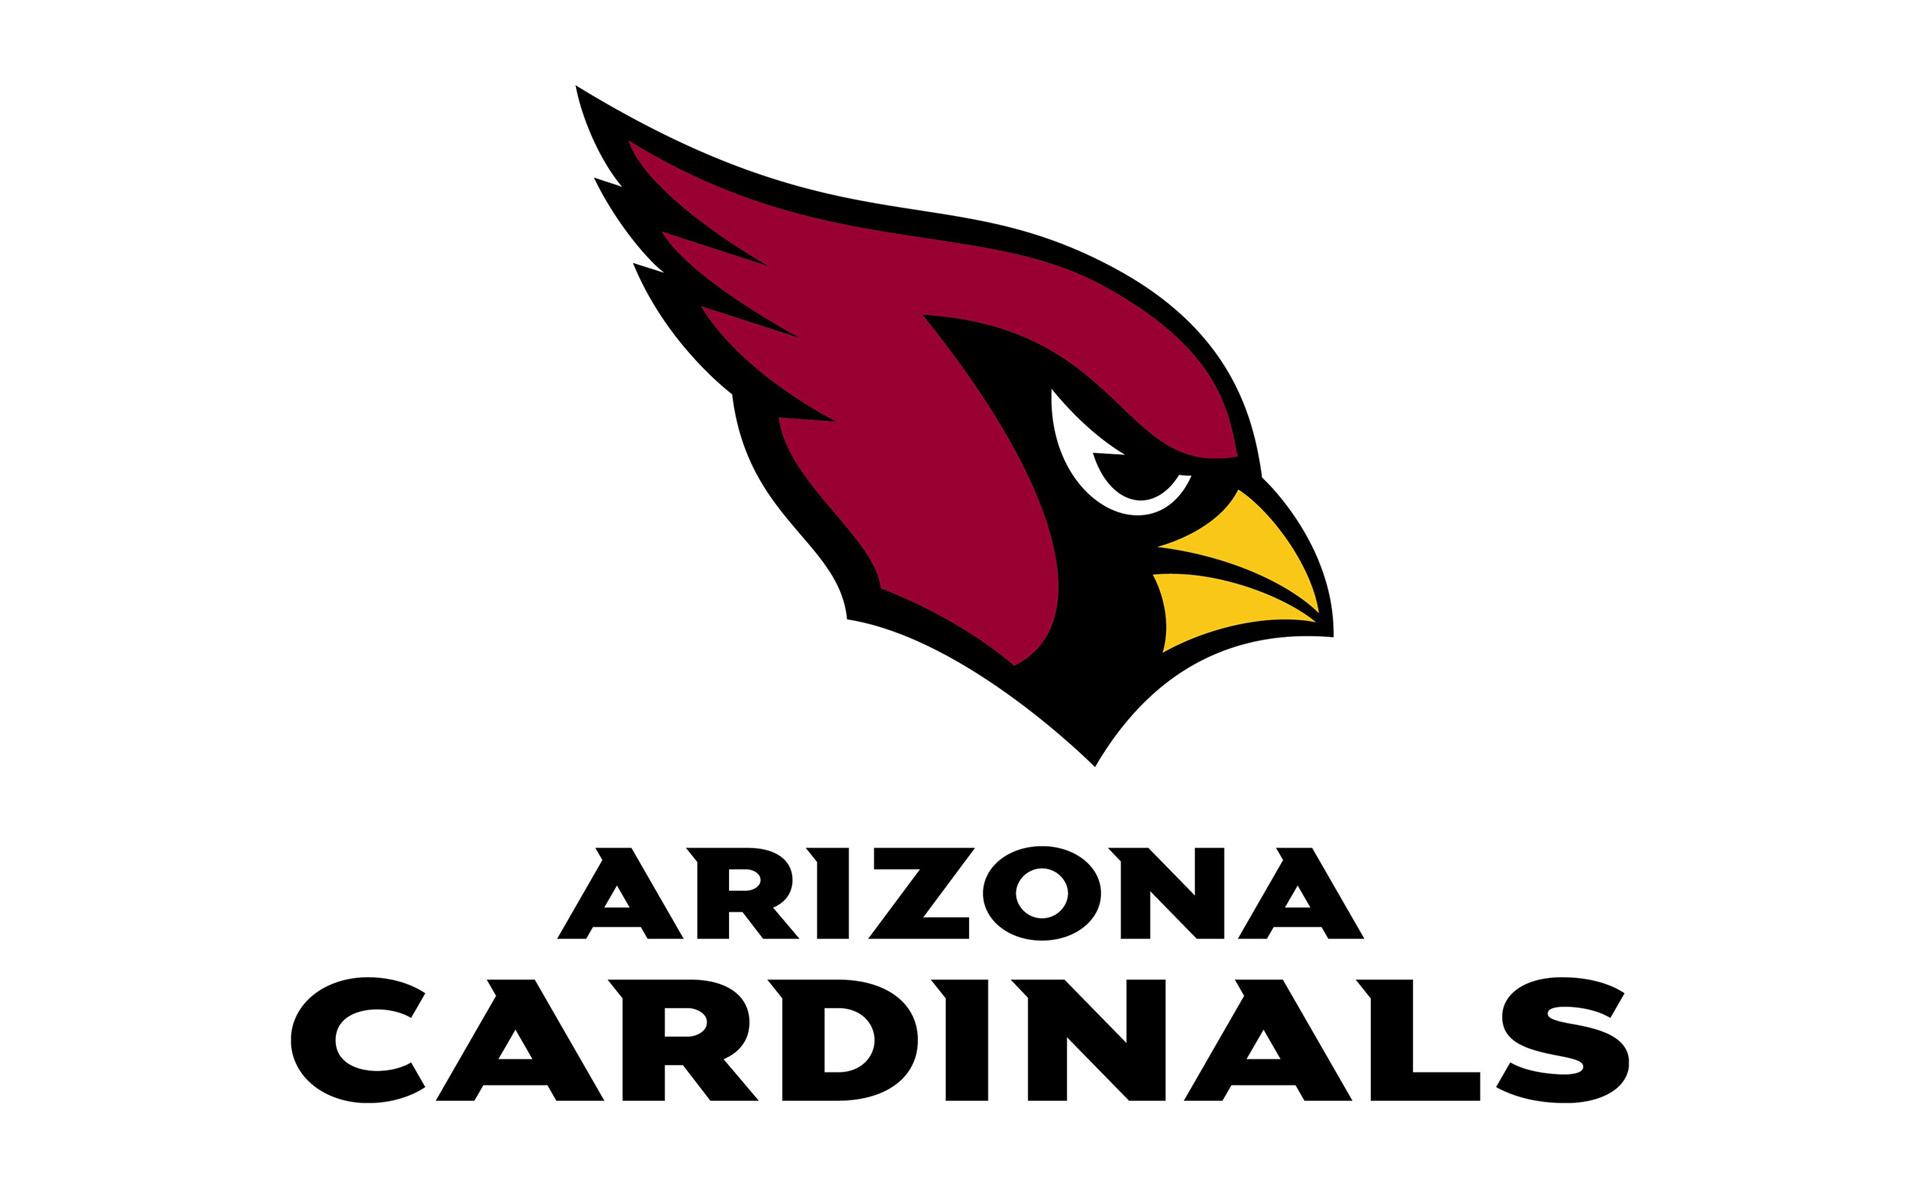 nfl arizona cardinals logo on white background - Arizona Cardinals Logo PNG